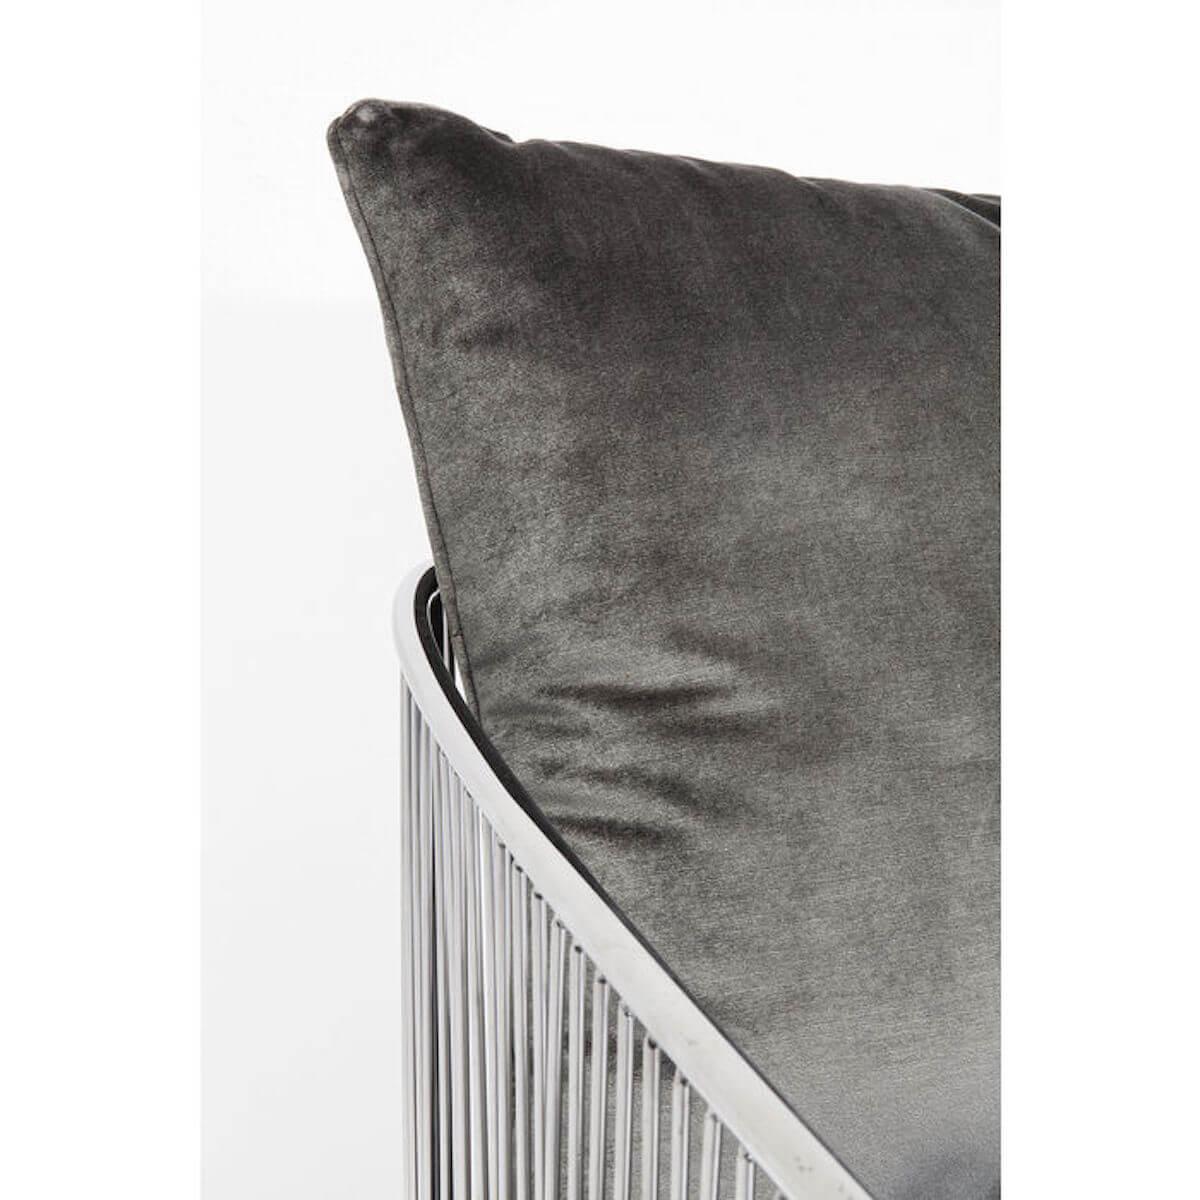 Fauteuil SORENTO Kare Design gris